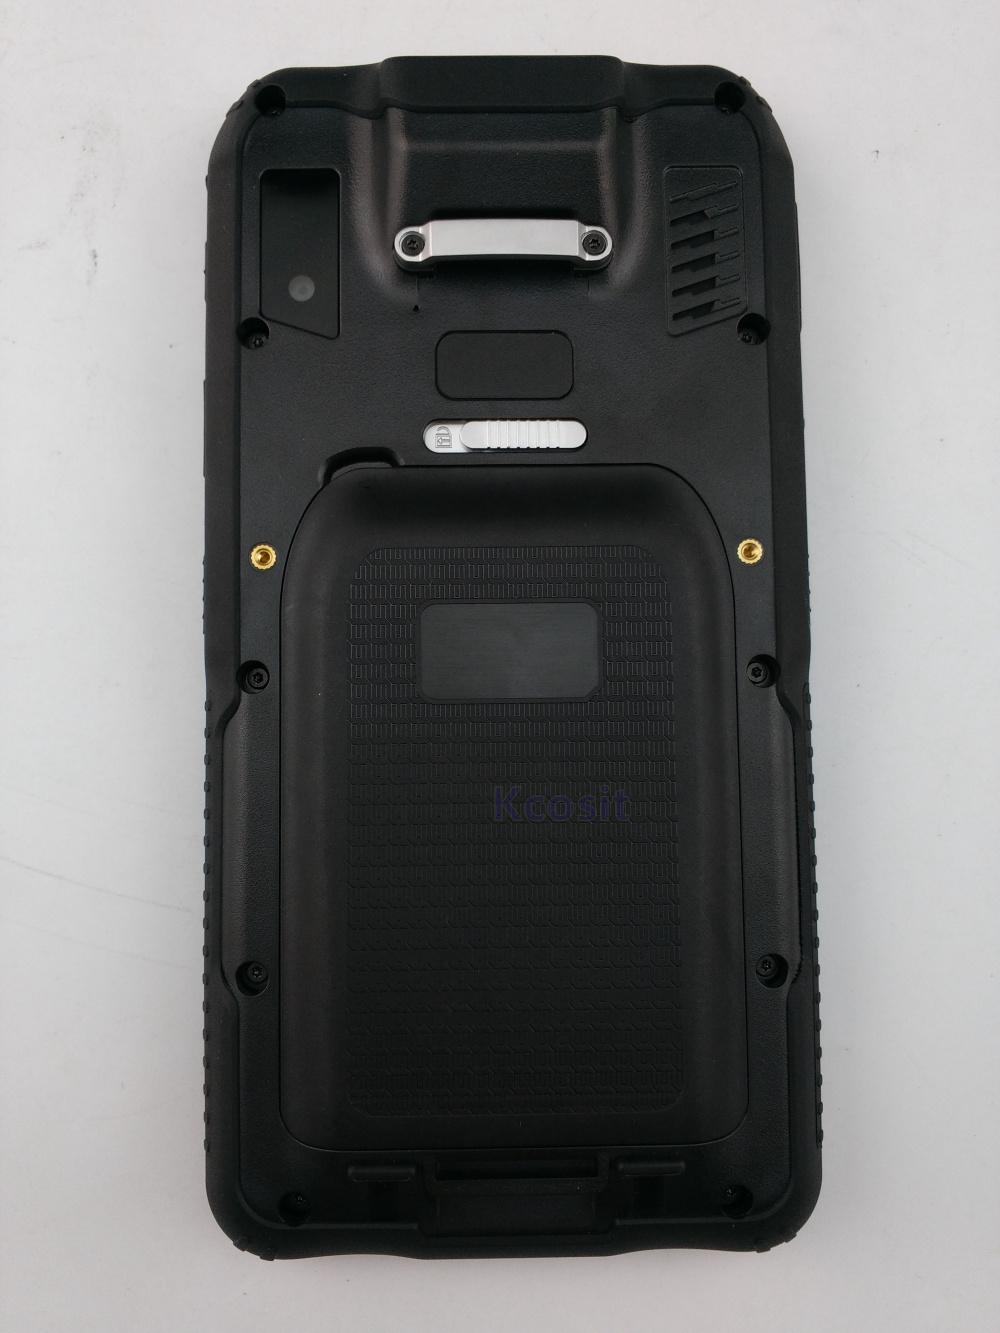 Windows Handheld Terminal (6)